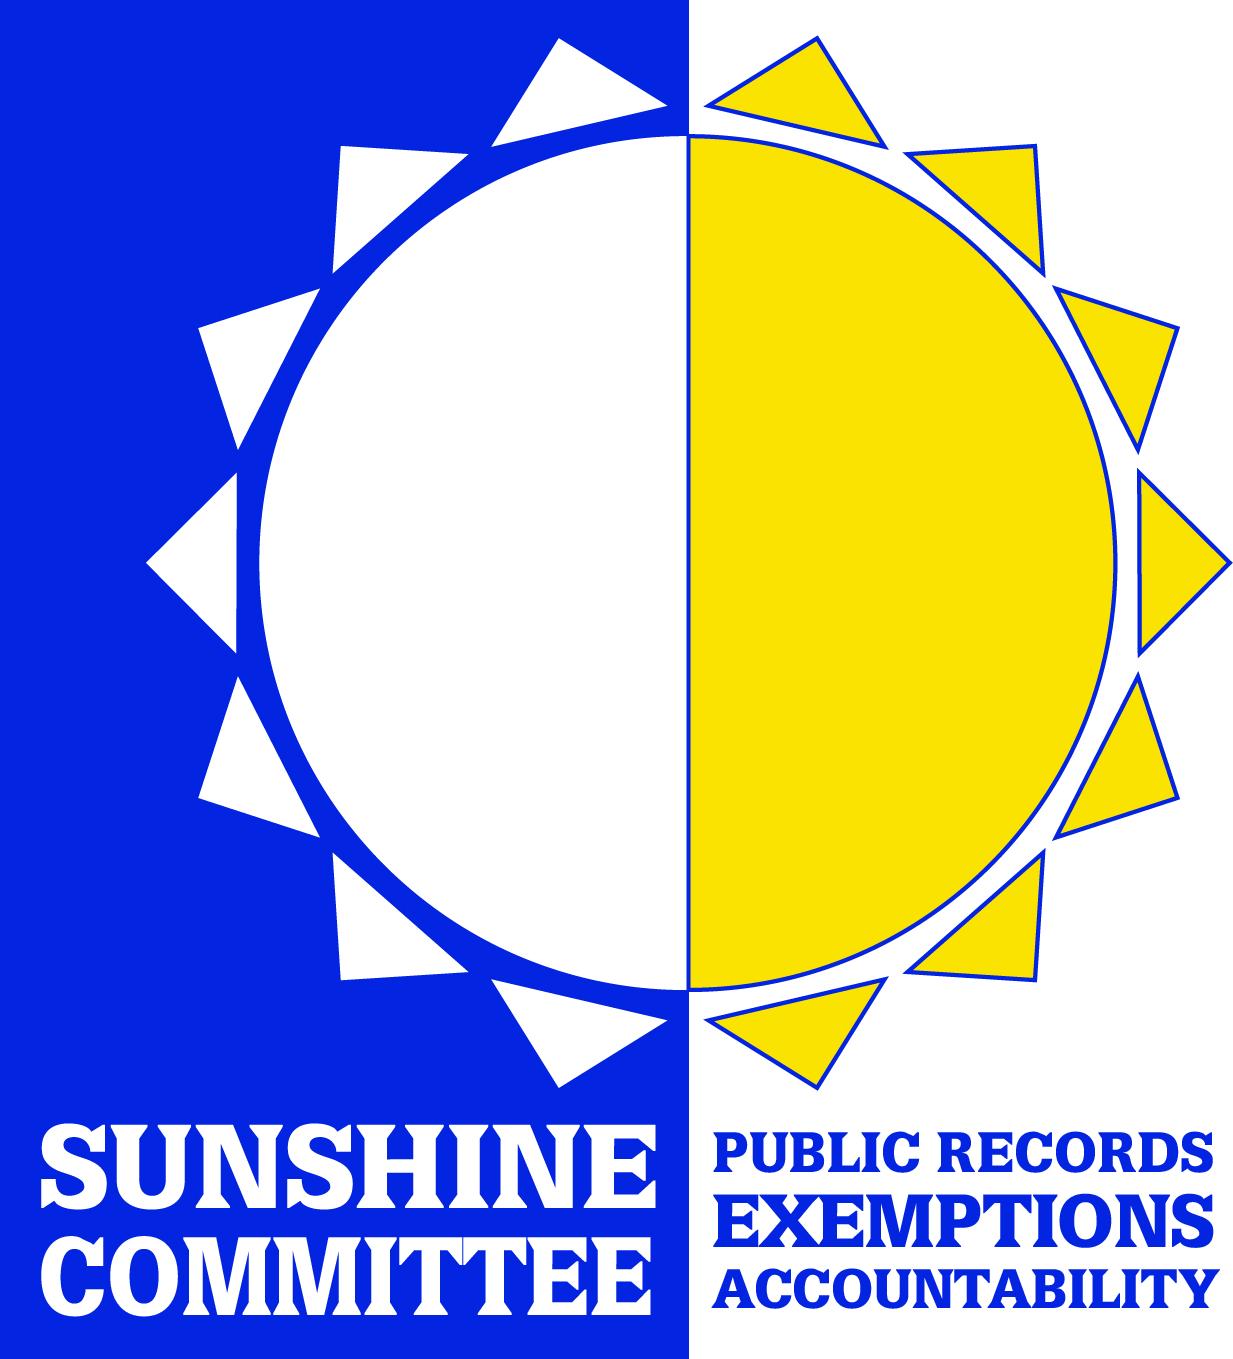 Sunshine-Committee-Logo.jpg